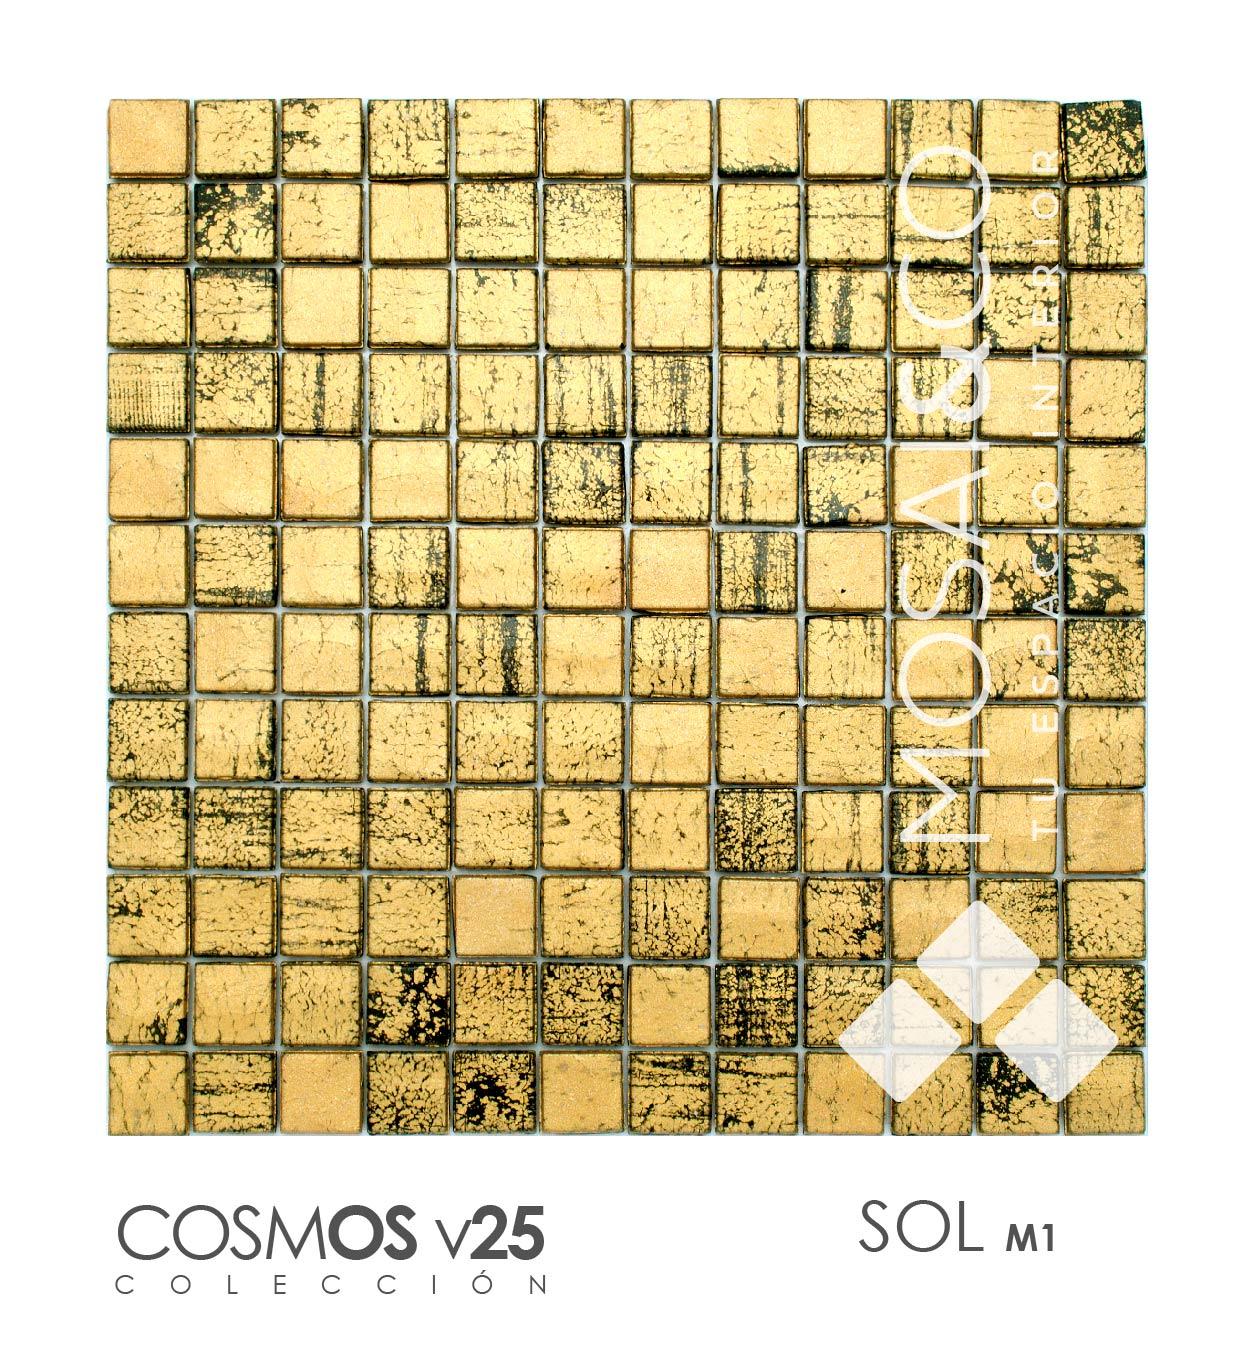 mosaico-decoracion-interiores-mosaiandco-coleccion-cosmos_sol-m1